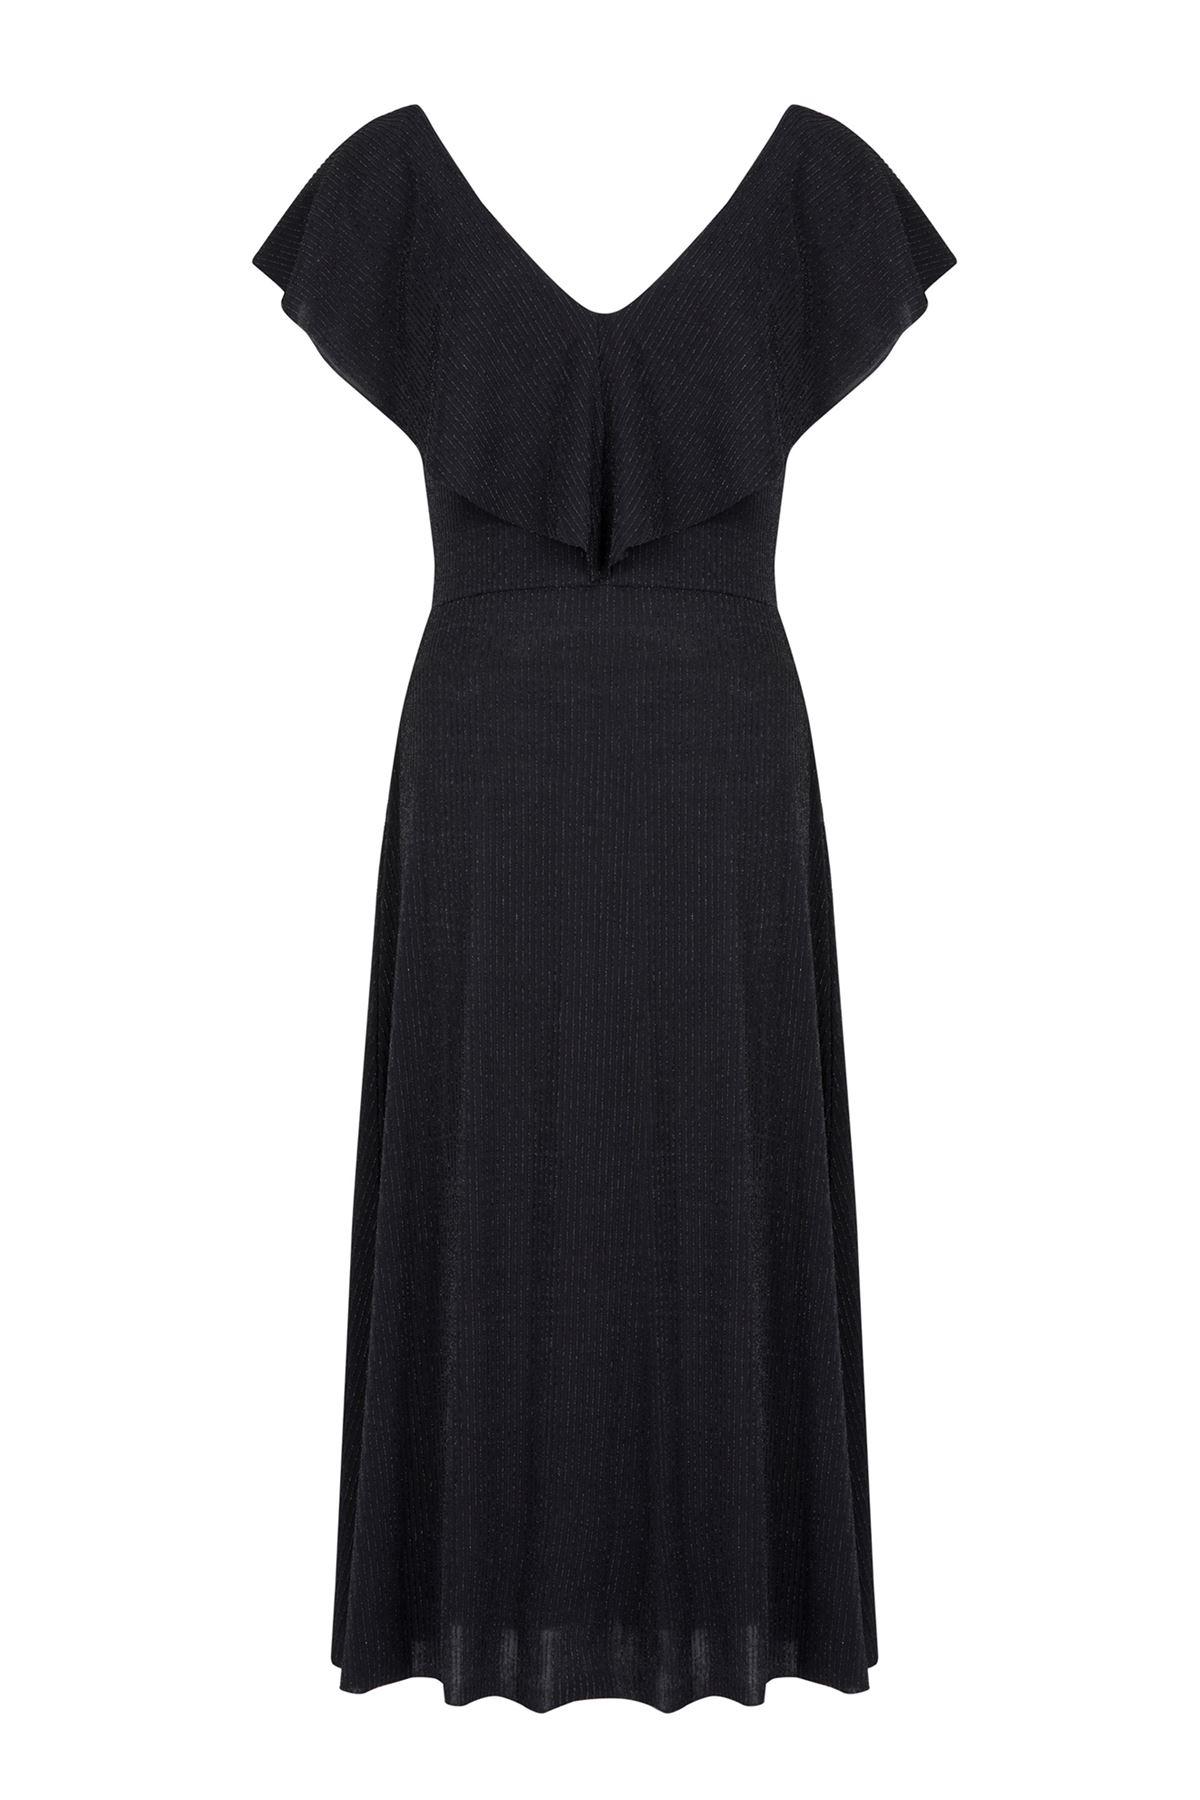 Yarasa Yaka Kendinden Simli Midi Elbise